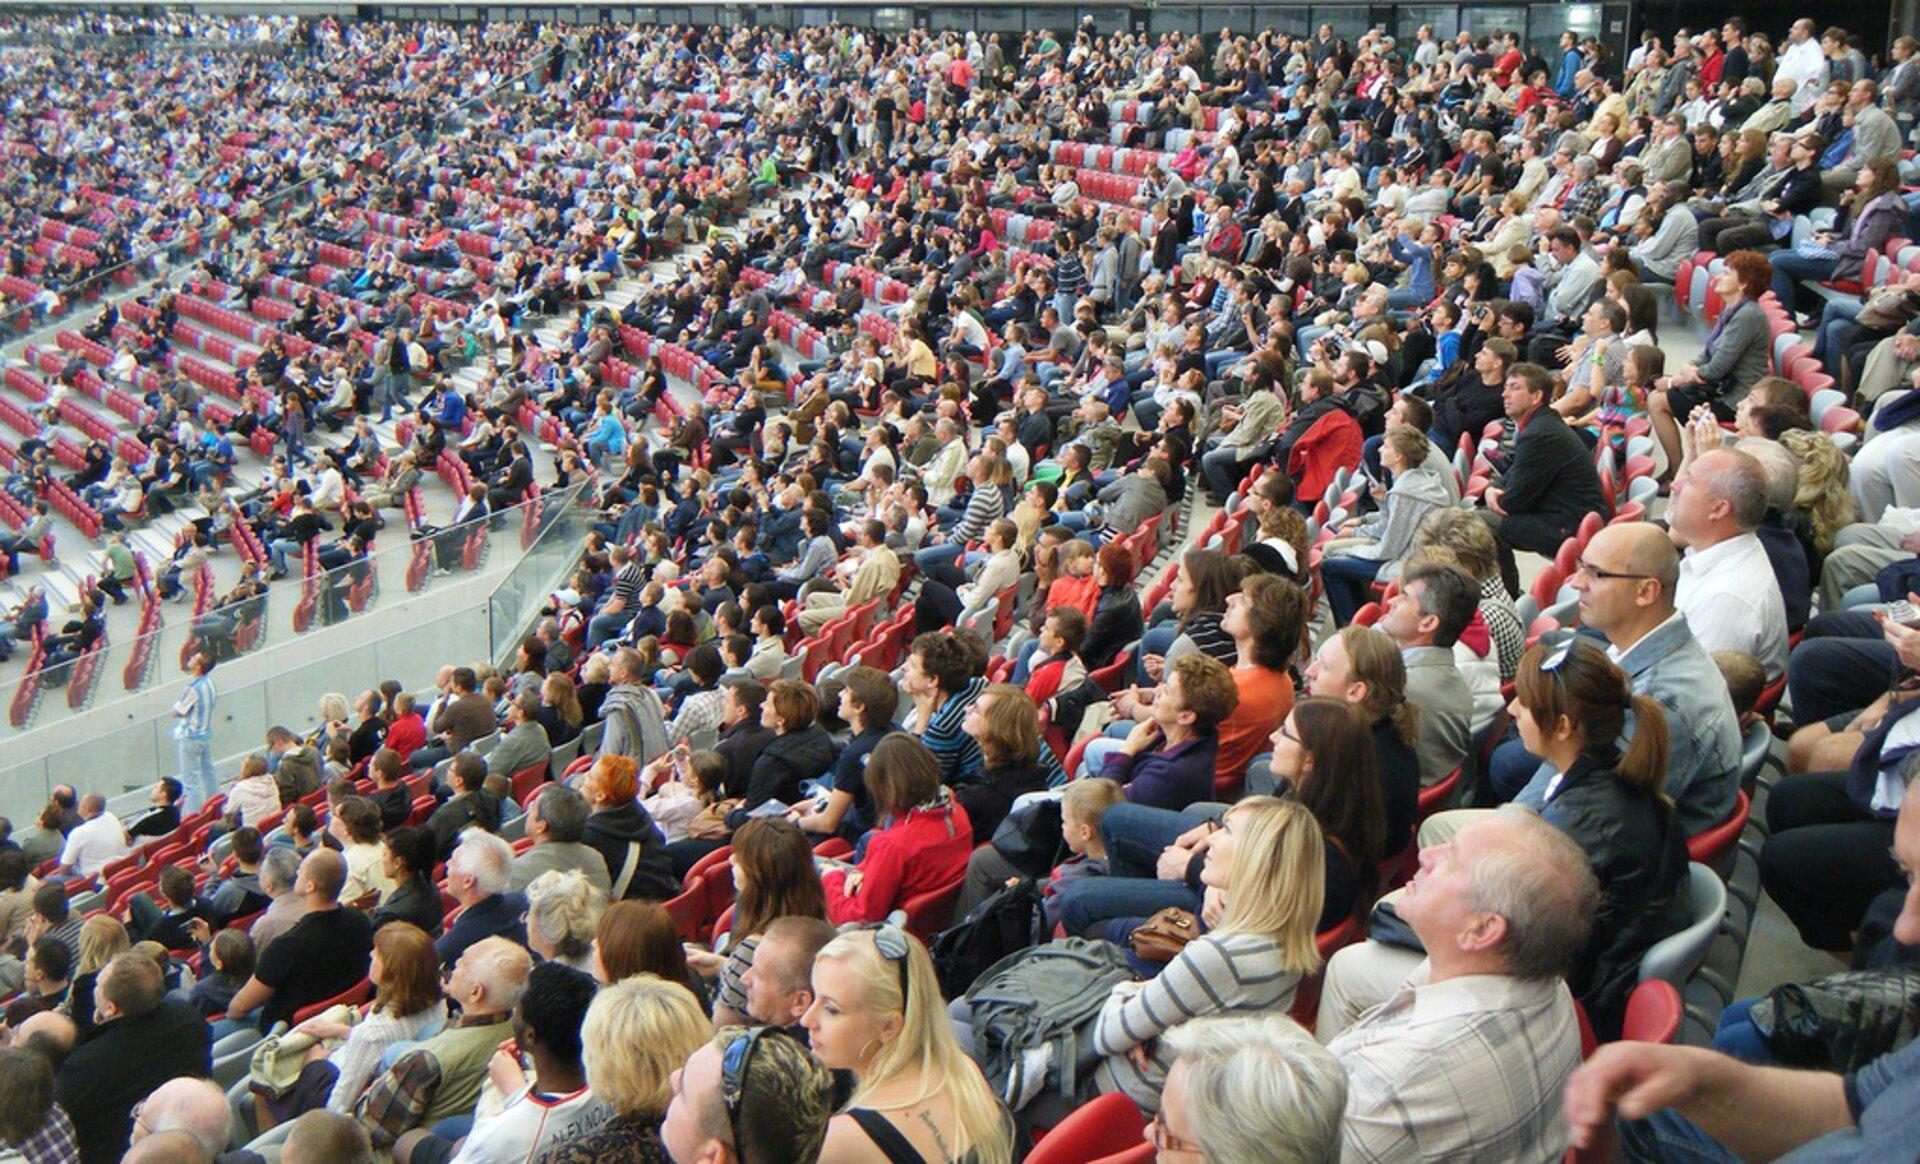 Na zdjęciu ludzie wróżnym wieku siedzący na widowni dużej hali lub stadionu.